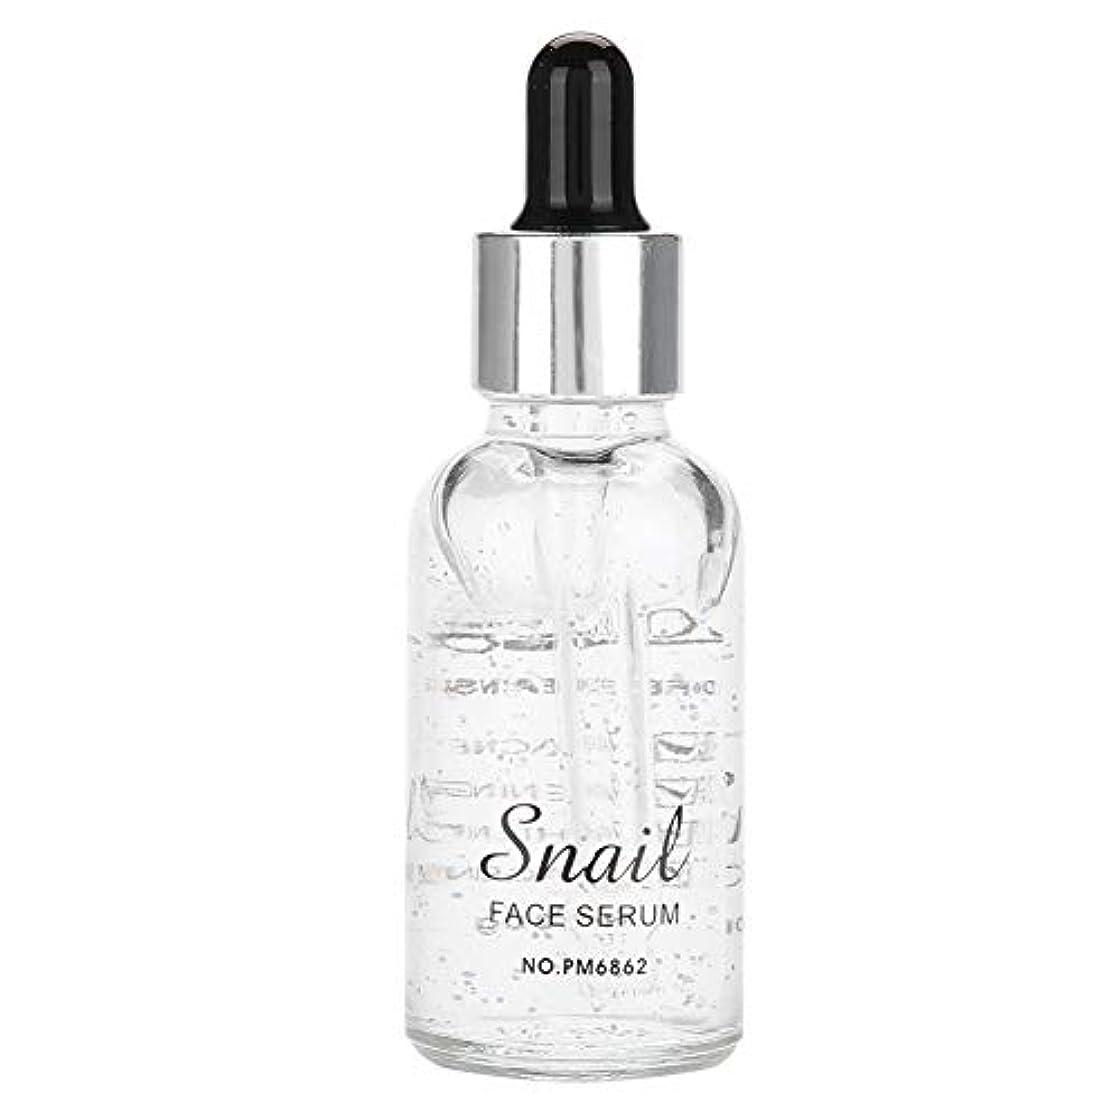 内側焦げ一回Semme Snail Solution血清、天然物質保湿エッセンス粗い毛穴を深く潤いと縮め、肌の弾力性を高め、引き締めます。